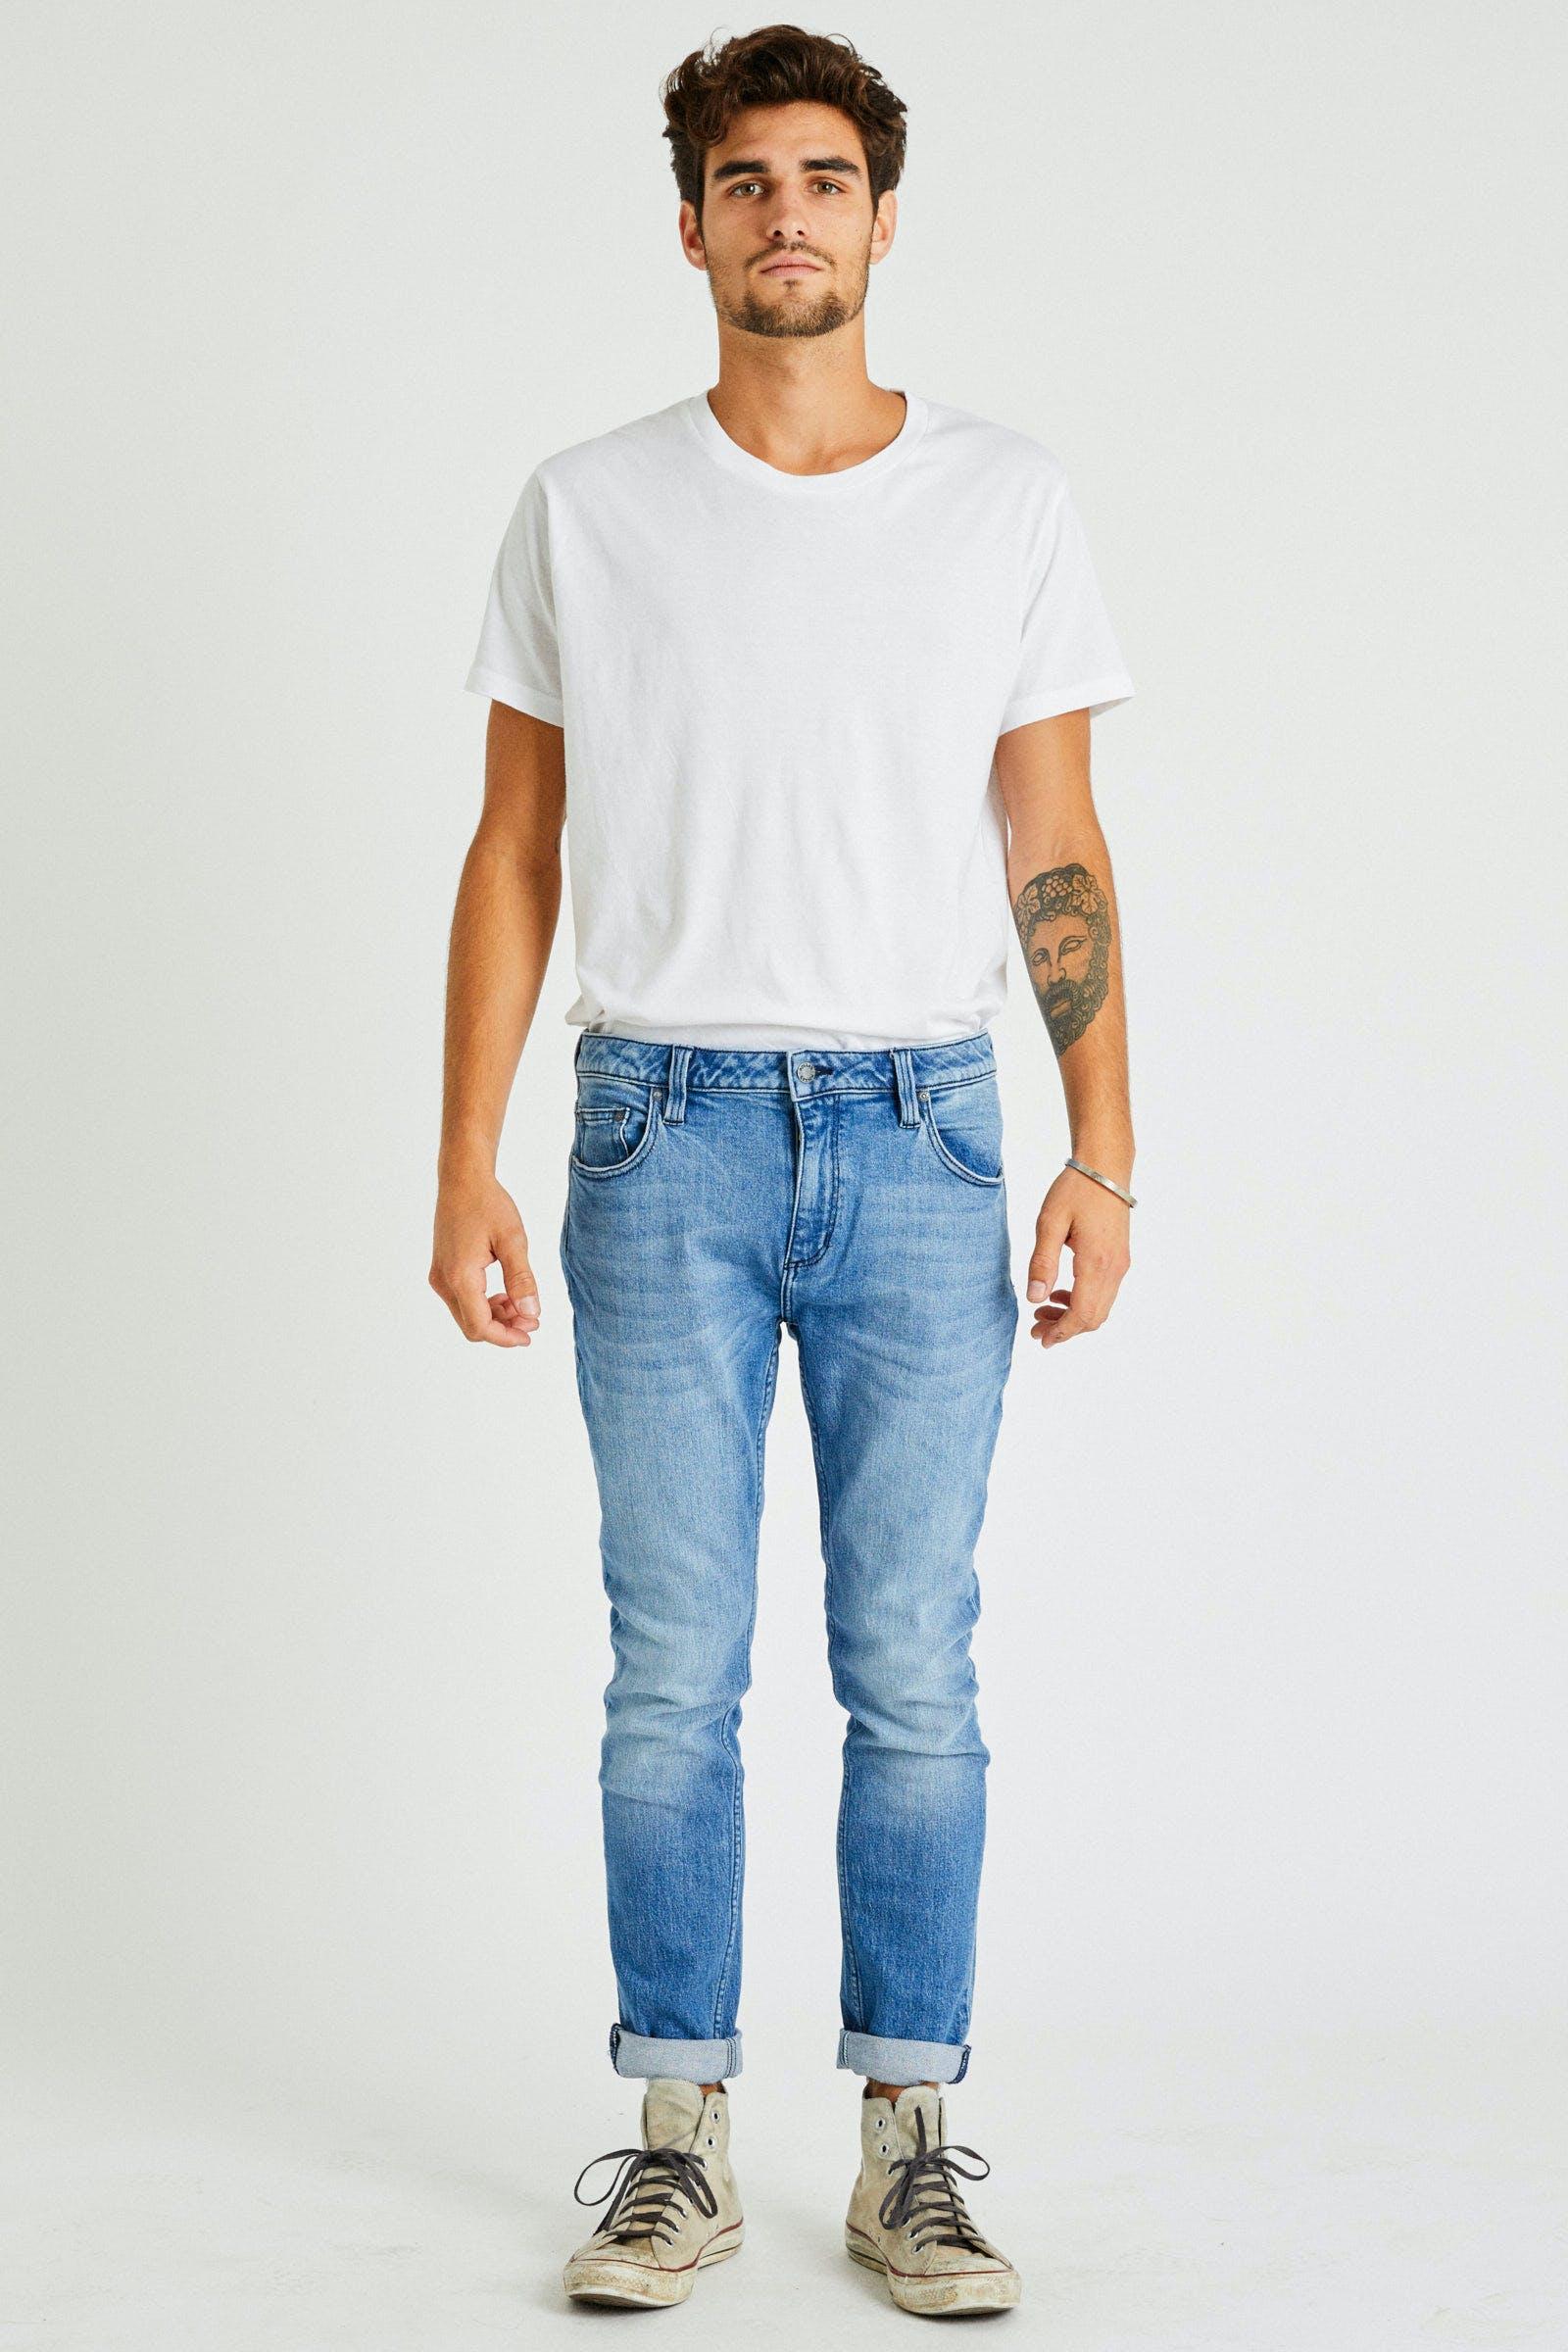 Rolla's Men's Rollies Skinny Jean